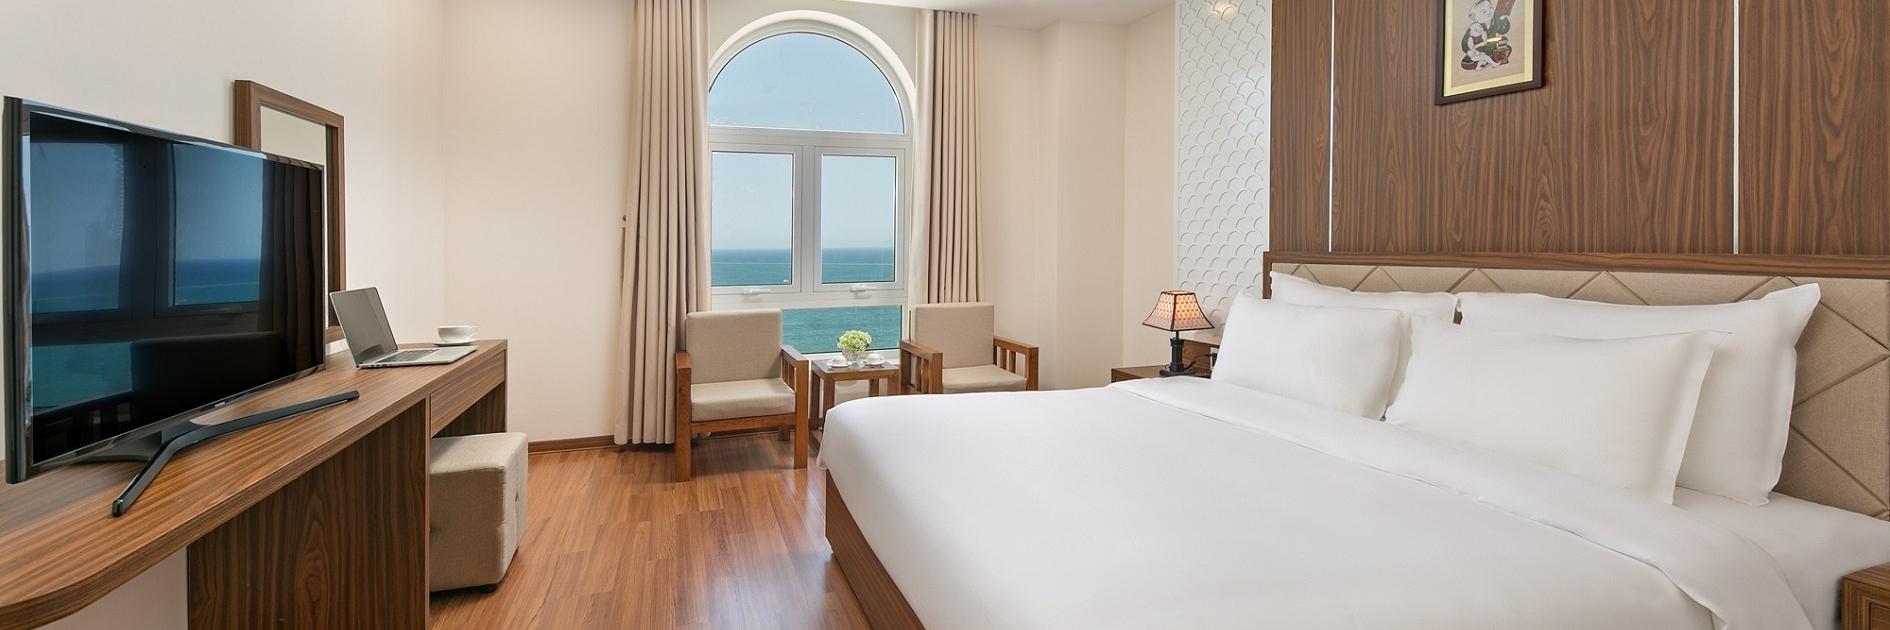 https://gody.vn/blog/n2203am/post/trai-nghiem-du-lich-nghi-duong-hoan-hao-cung-nguoi-thuong-ngay-tai-de-lamour-hotel-3-da-nang-5548